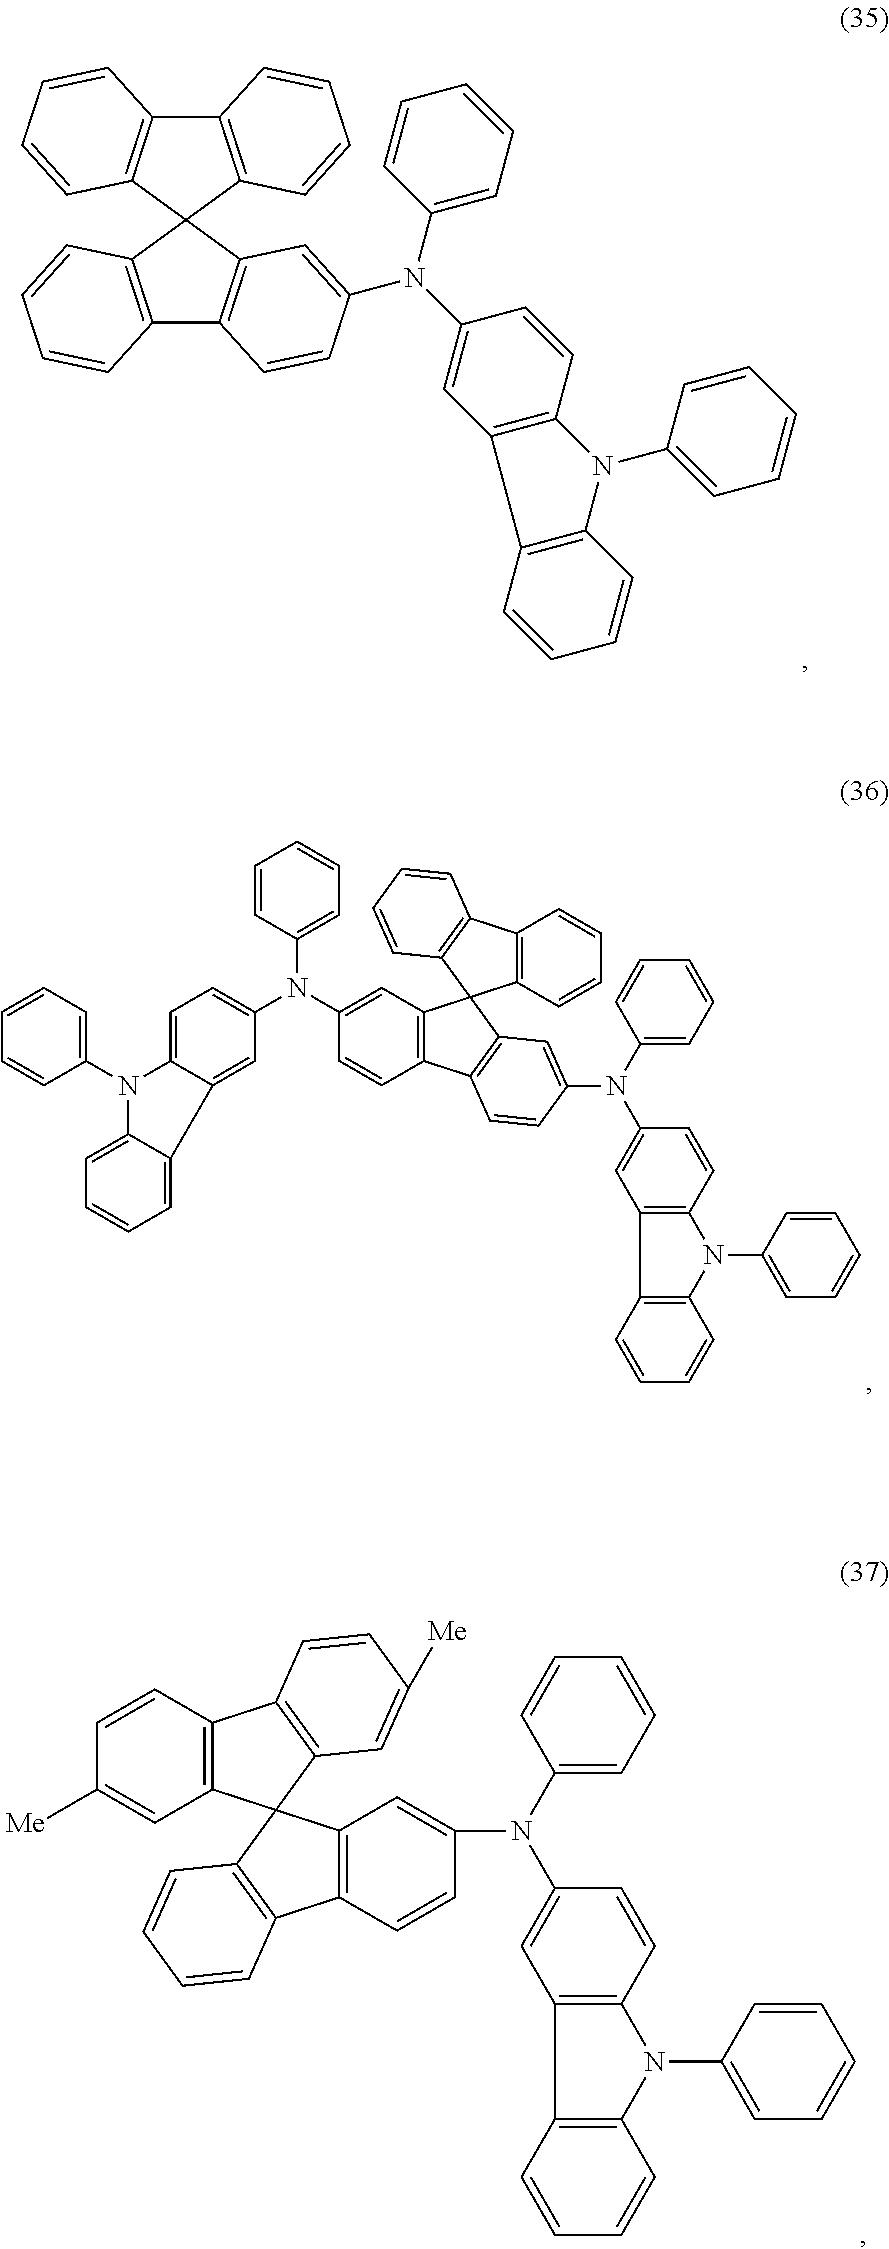 Figure US09548457-20170117-C00050